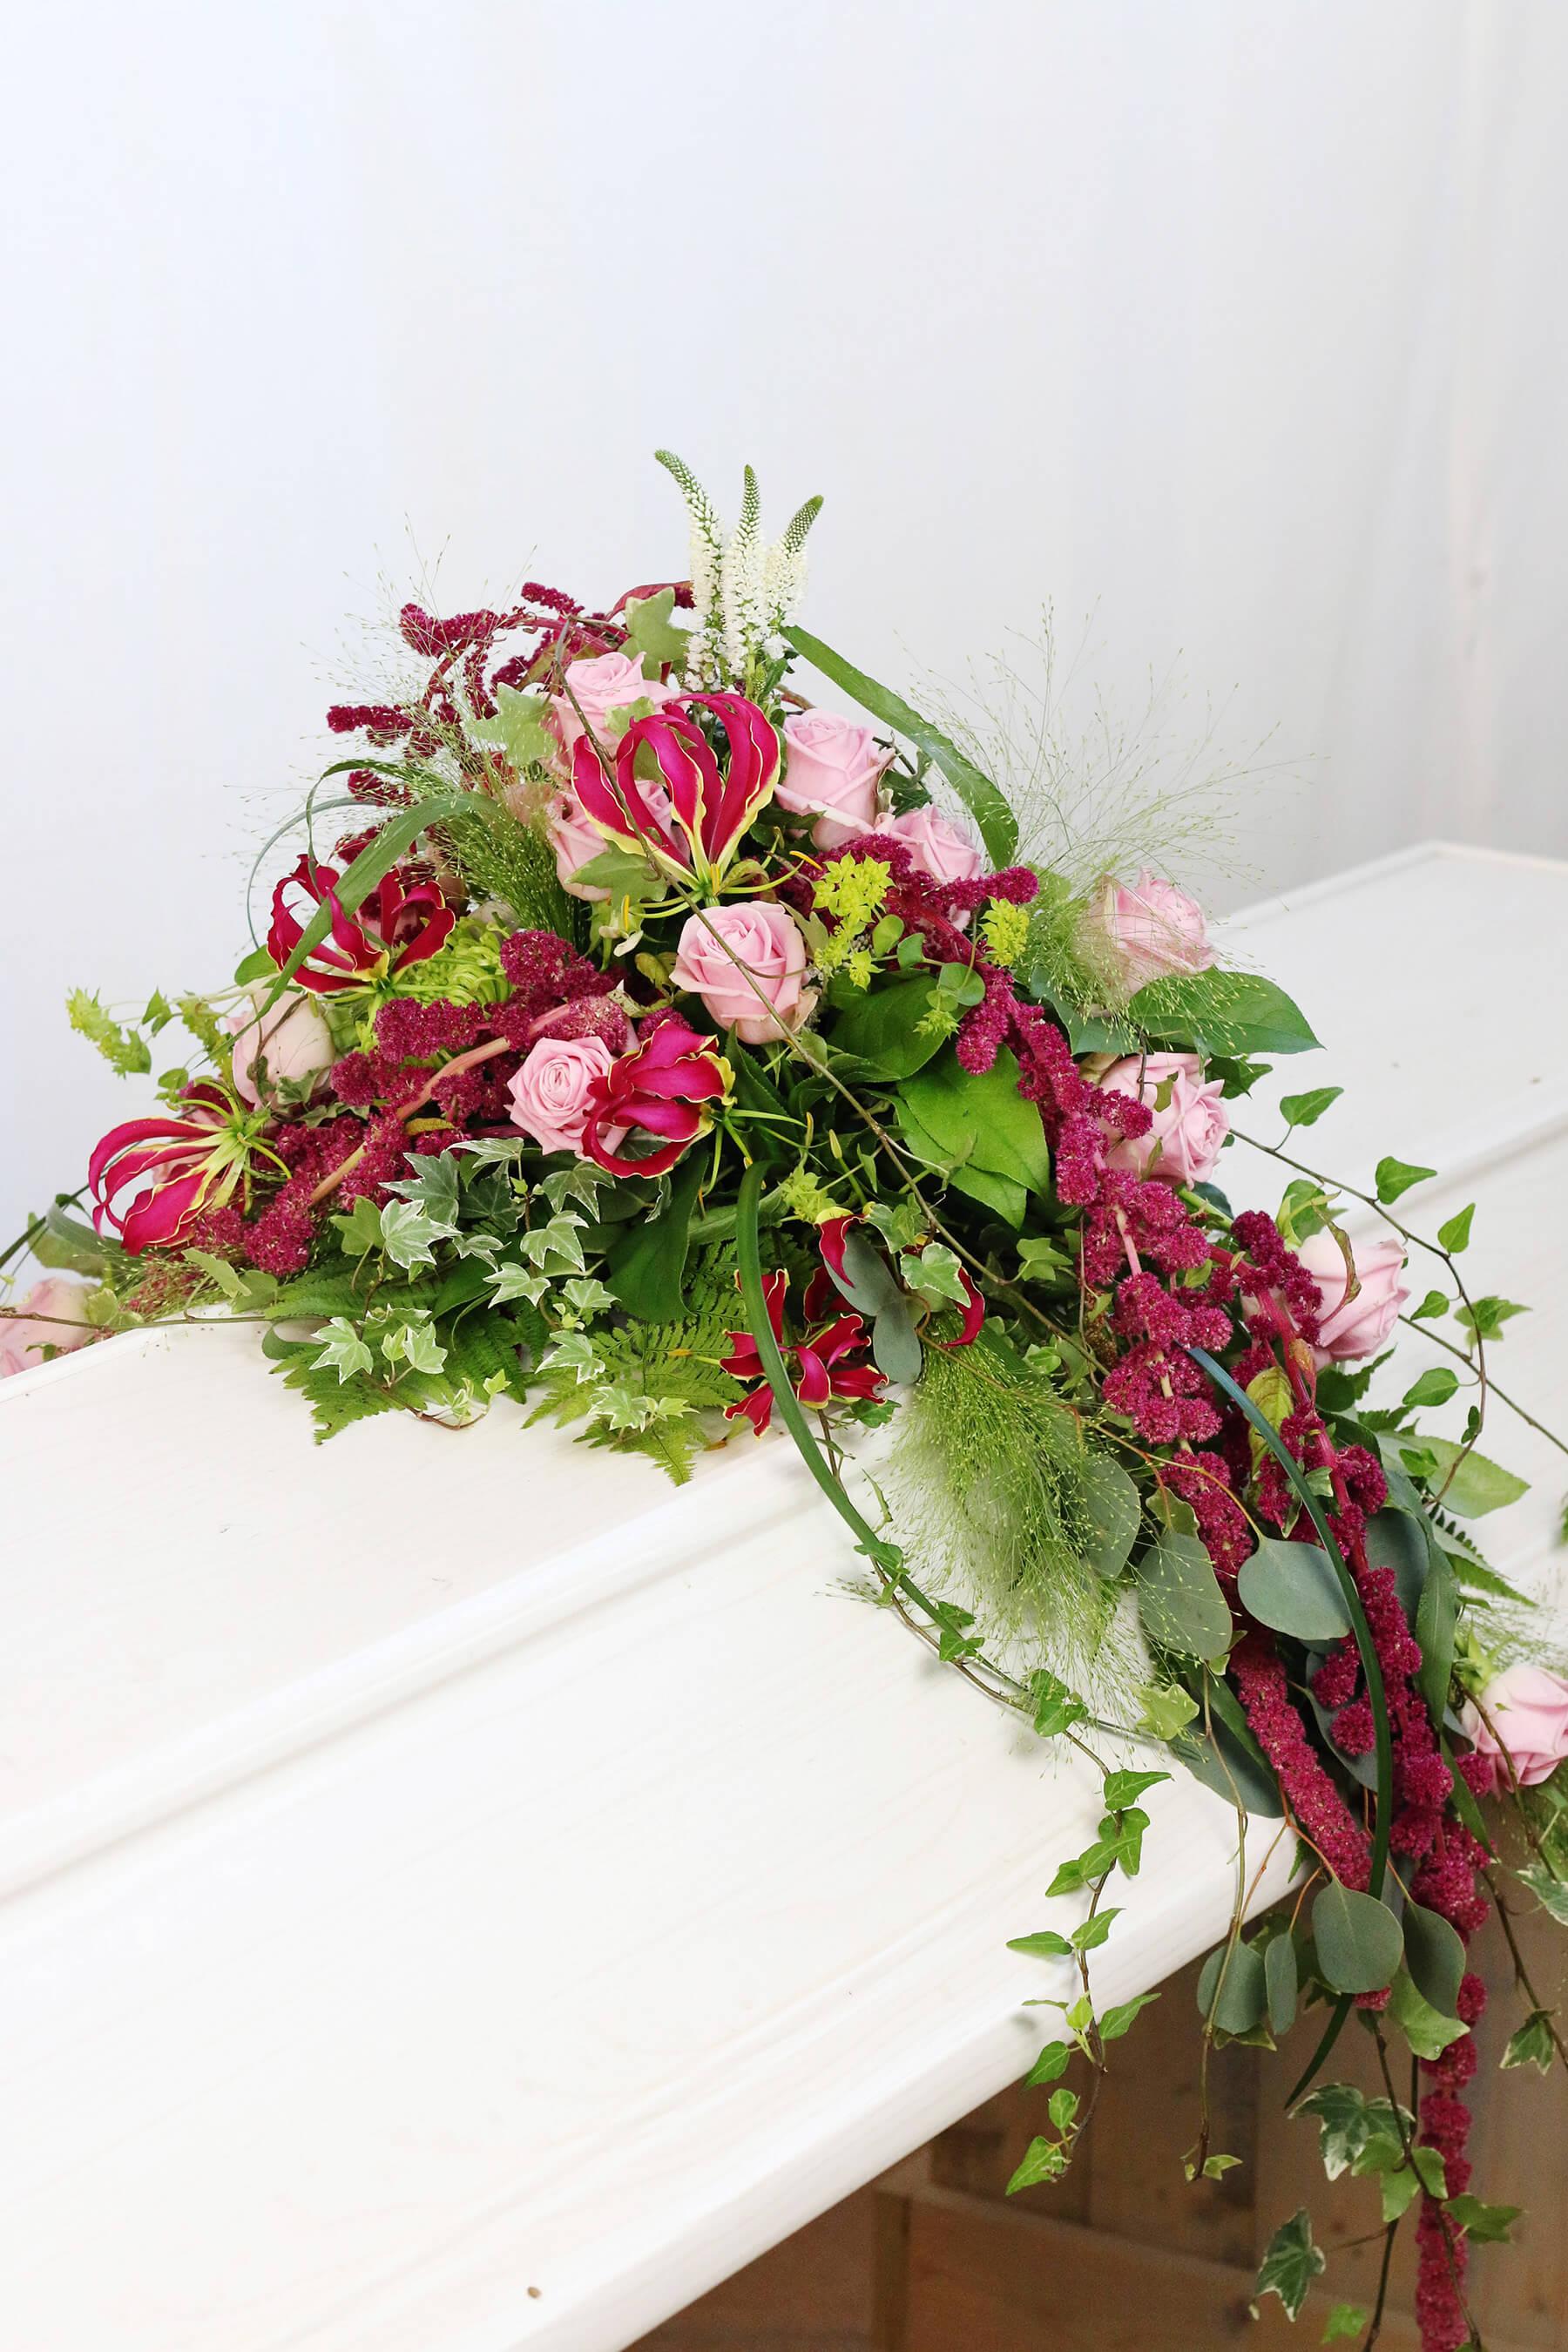 En personlig kistdekoration, där de röda blommorna hänger ner på sidorna. Blommorna varierar efter säsong. Här har vi använt oss av gloriosa, rävsvans, rosor och vackert grönt.